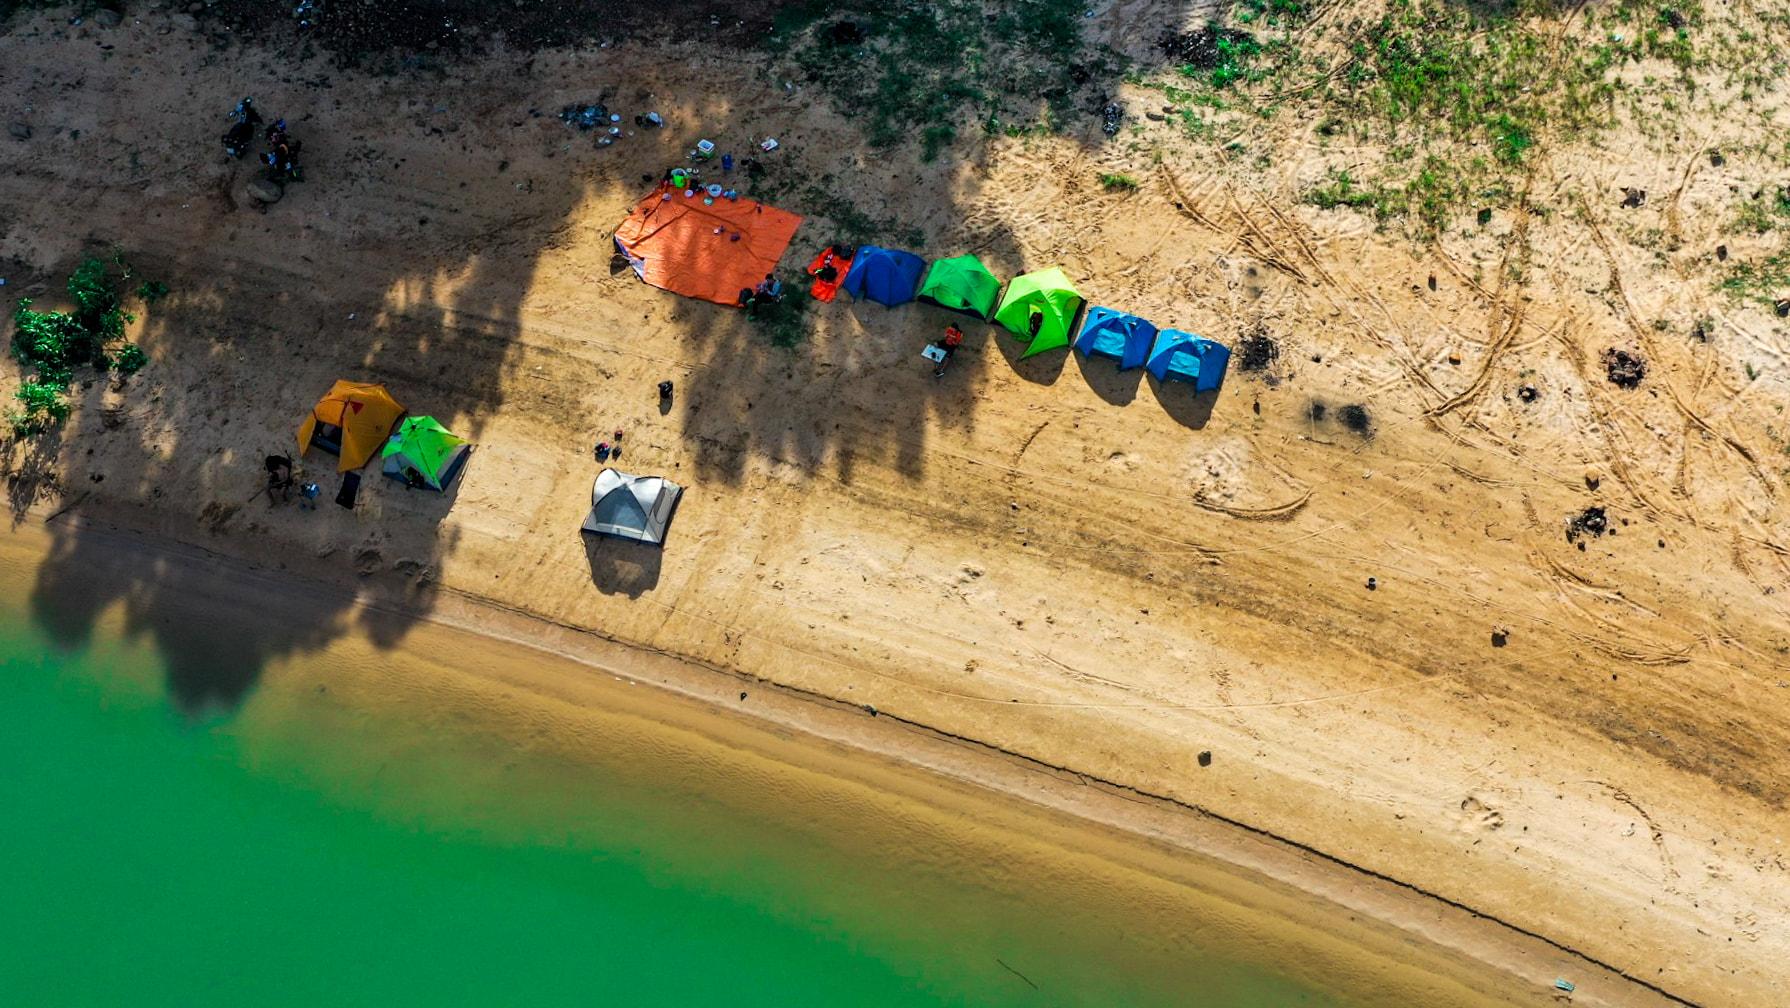 Đến hồ Dầu Tiếng, chiêm ngưỡng cảnh đẹp hút hồn tại địa điểm cắm trại hot nhất Tây Ninh  - Ảnh 3.